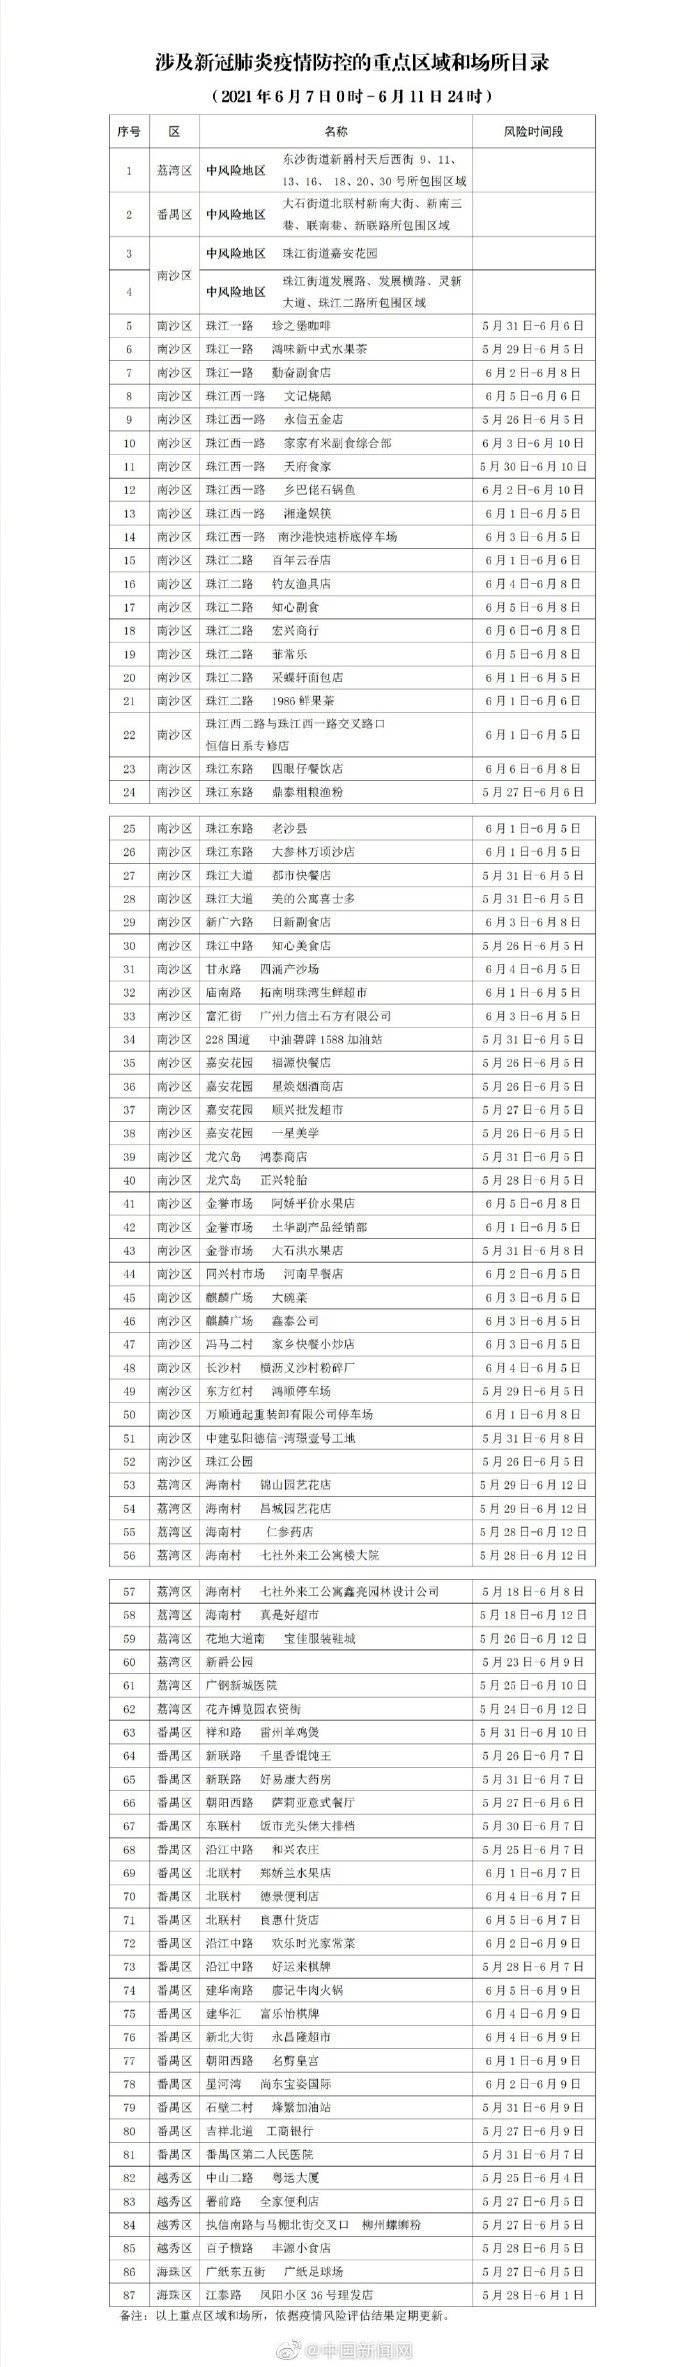 去过请立即上报!广州通报最新涉疫重点区域和场所